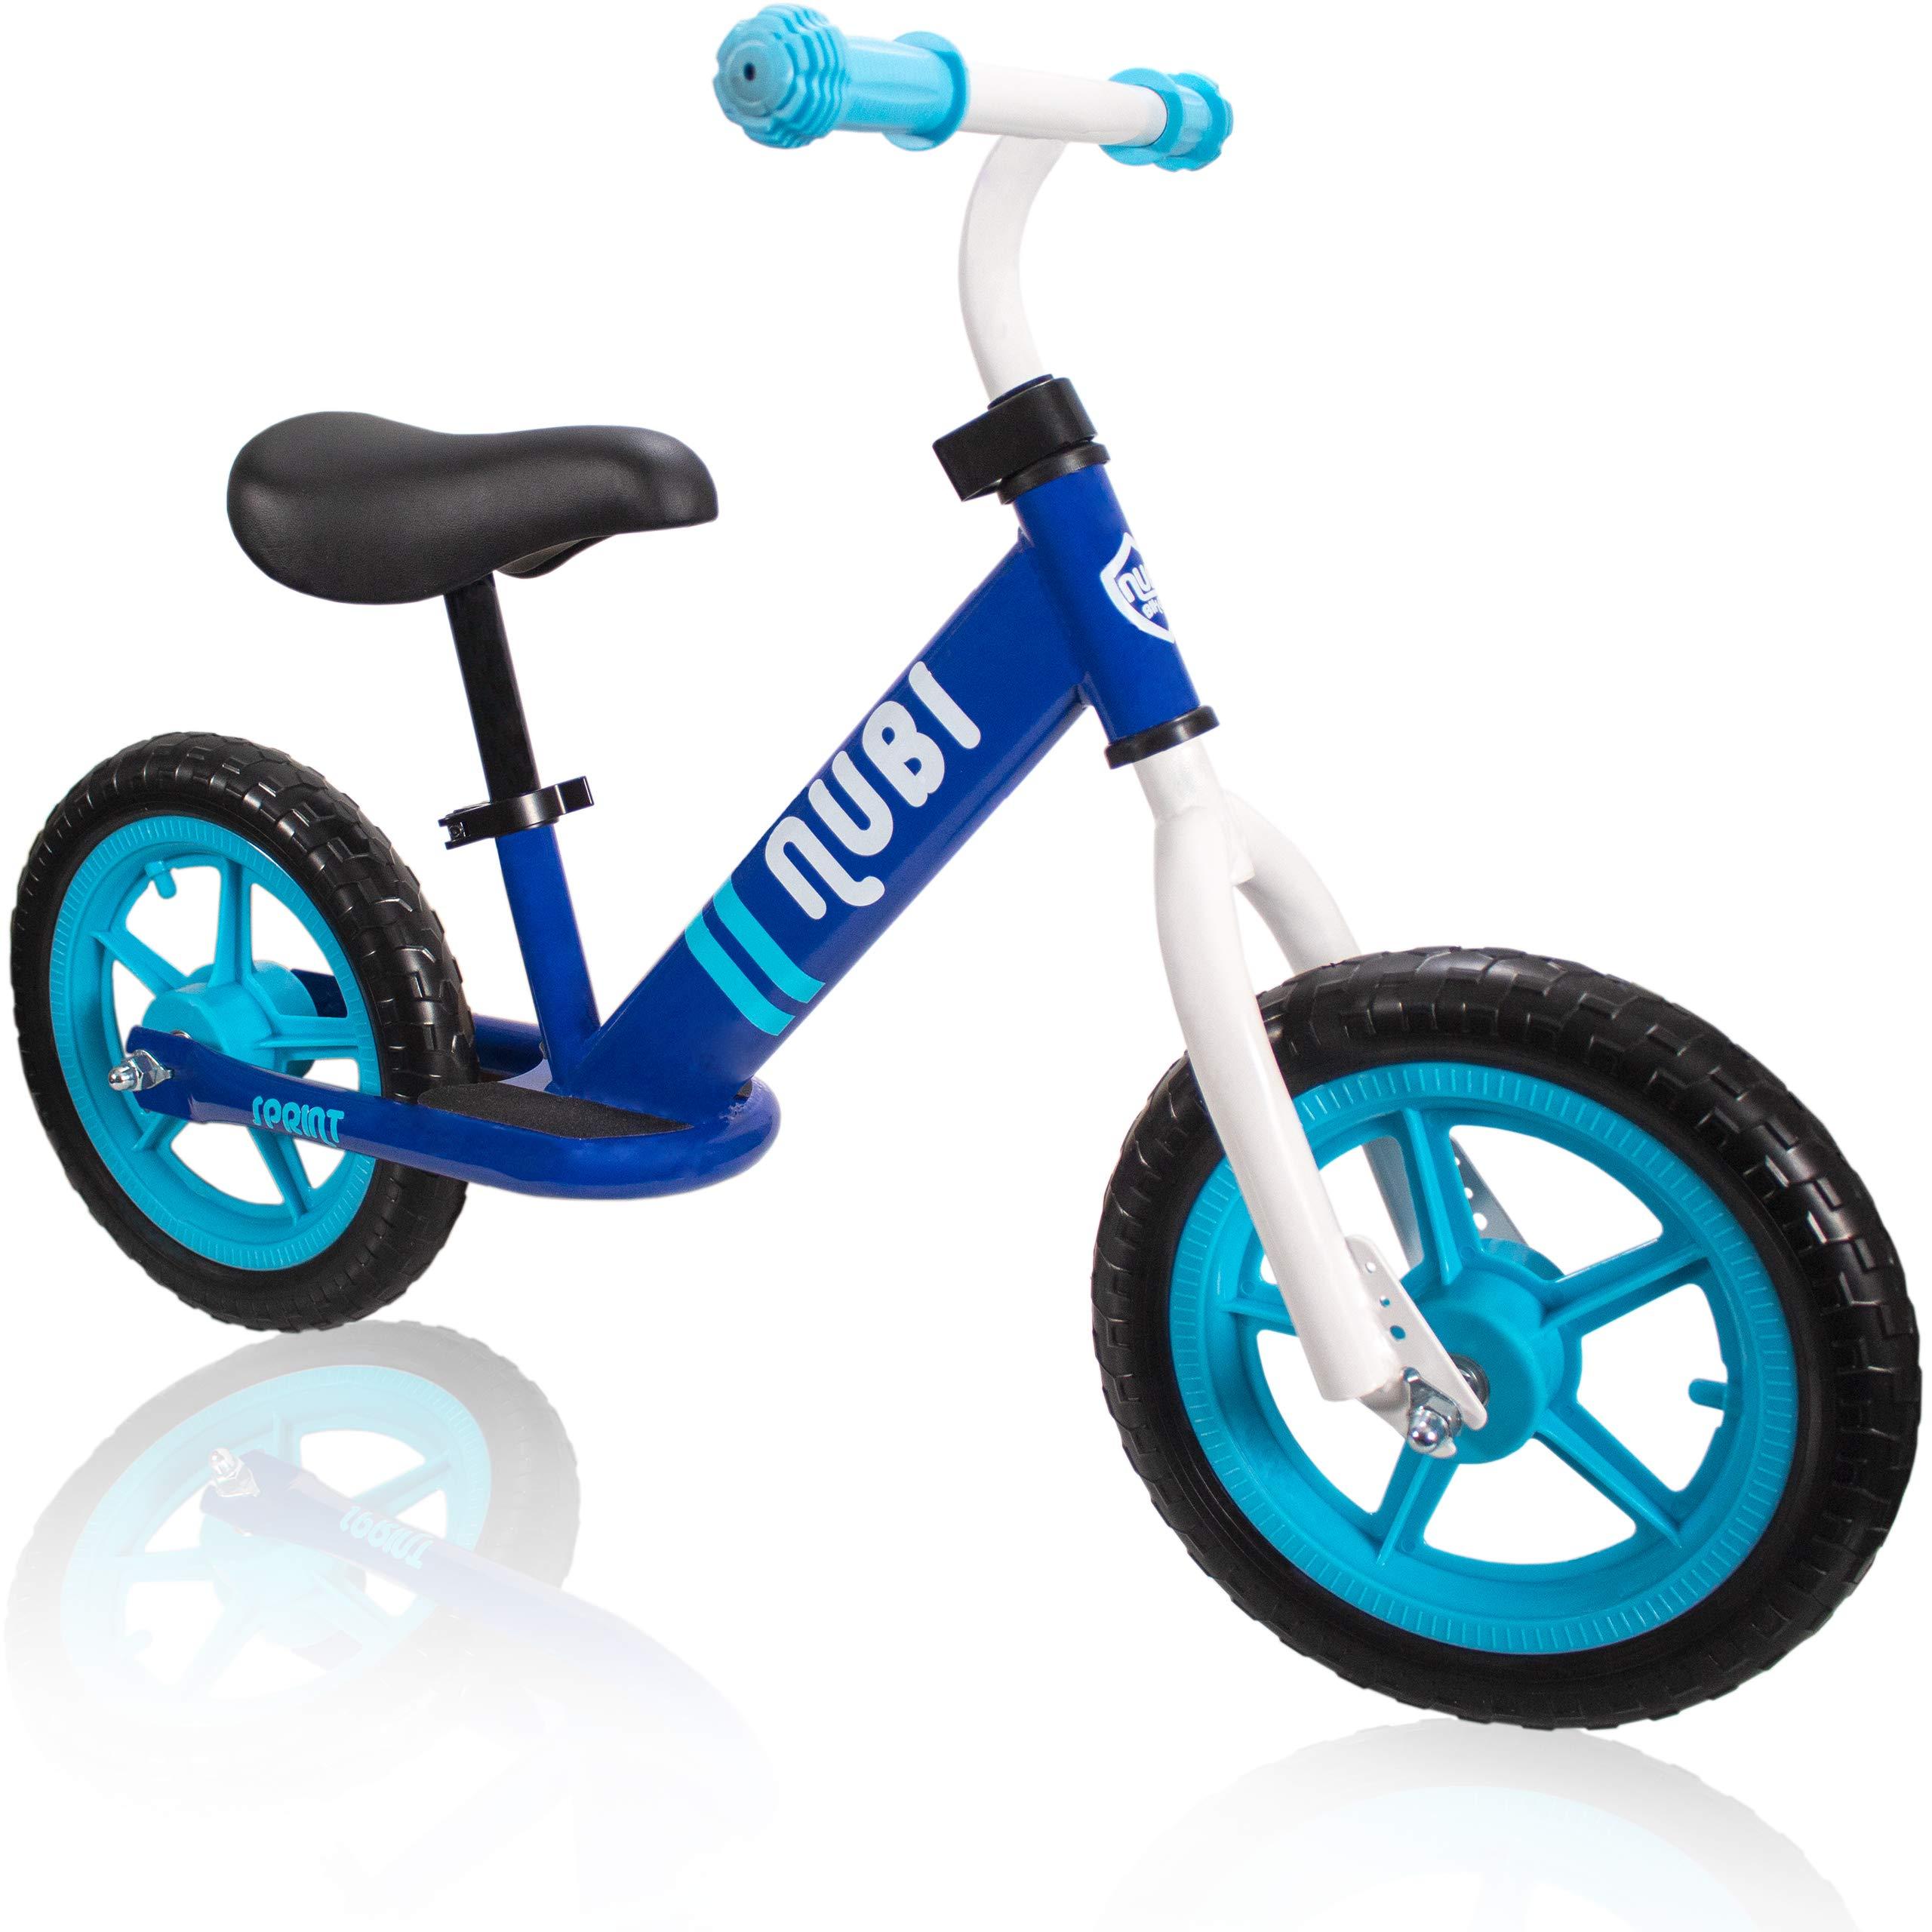 Nubi Sprint 12'' Blue Kids Balance Bike